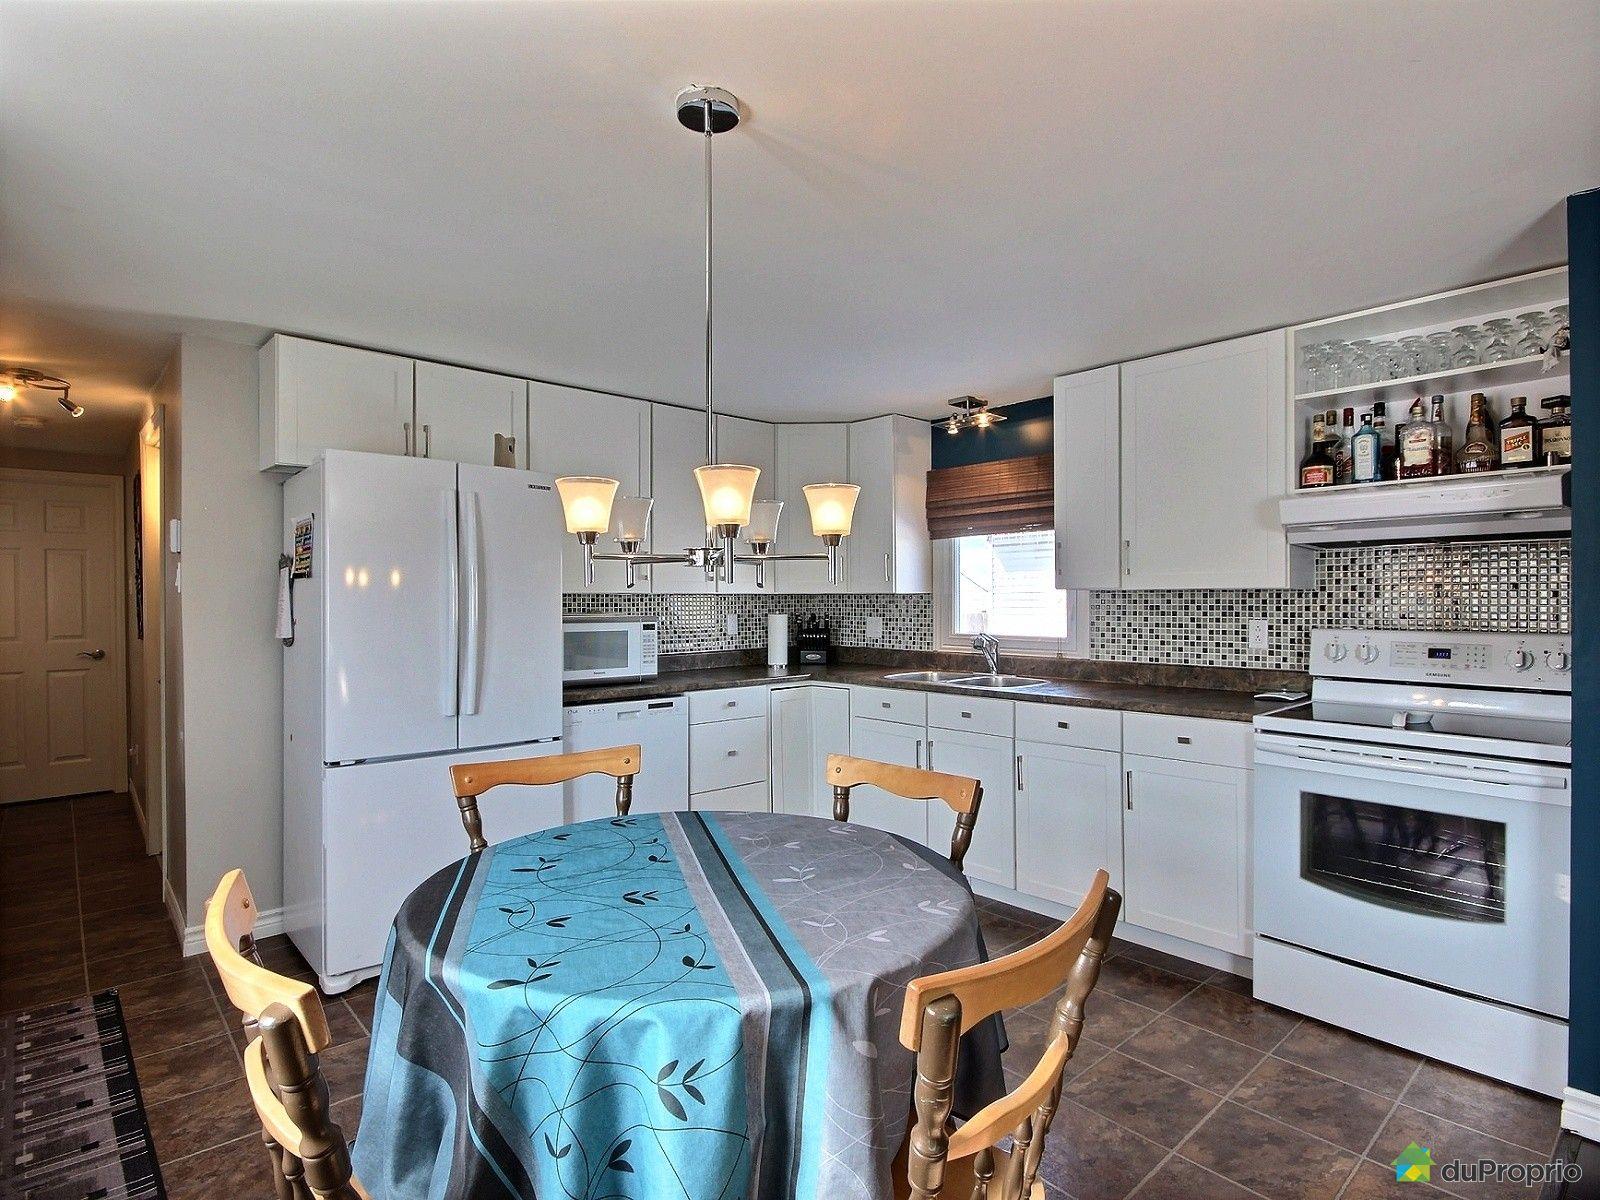 maison vendu ch teau richer immobilier qu bec duproprio 592165. Black Bedroom Furniture Sets. Home Design Ideas